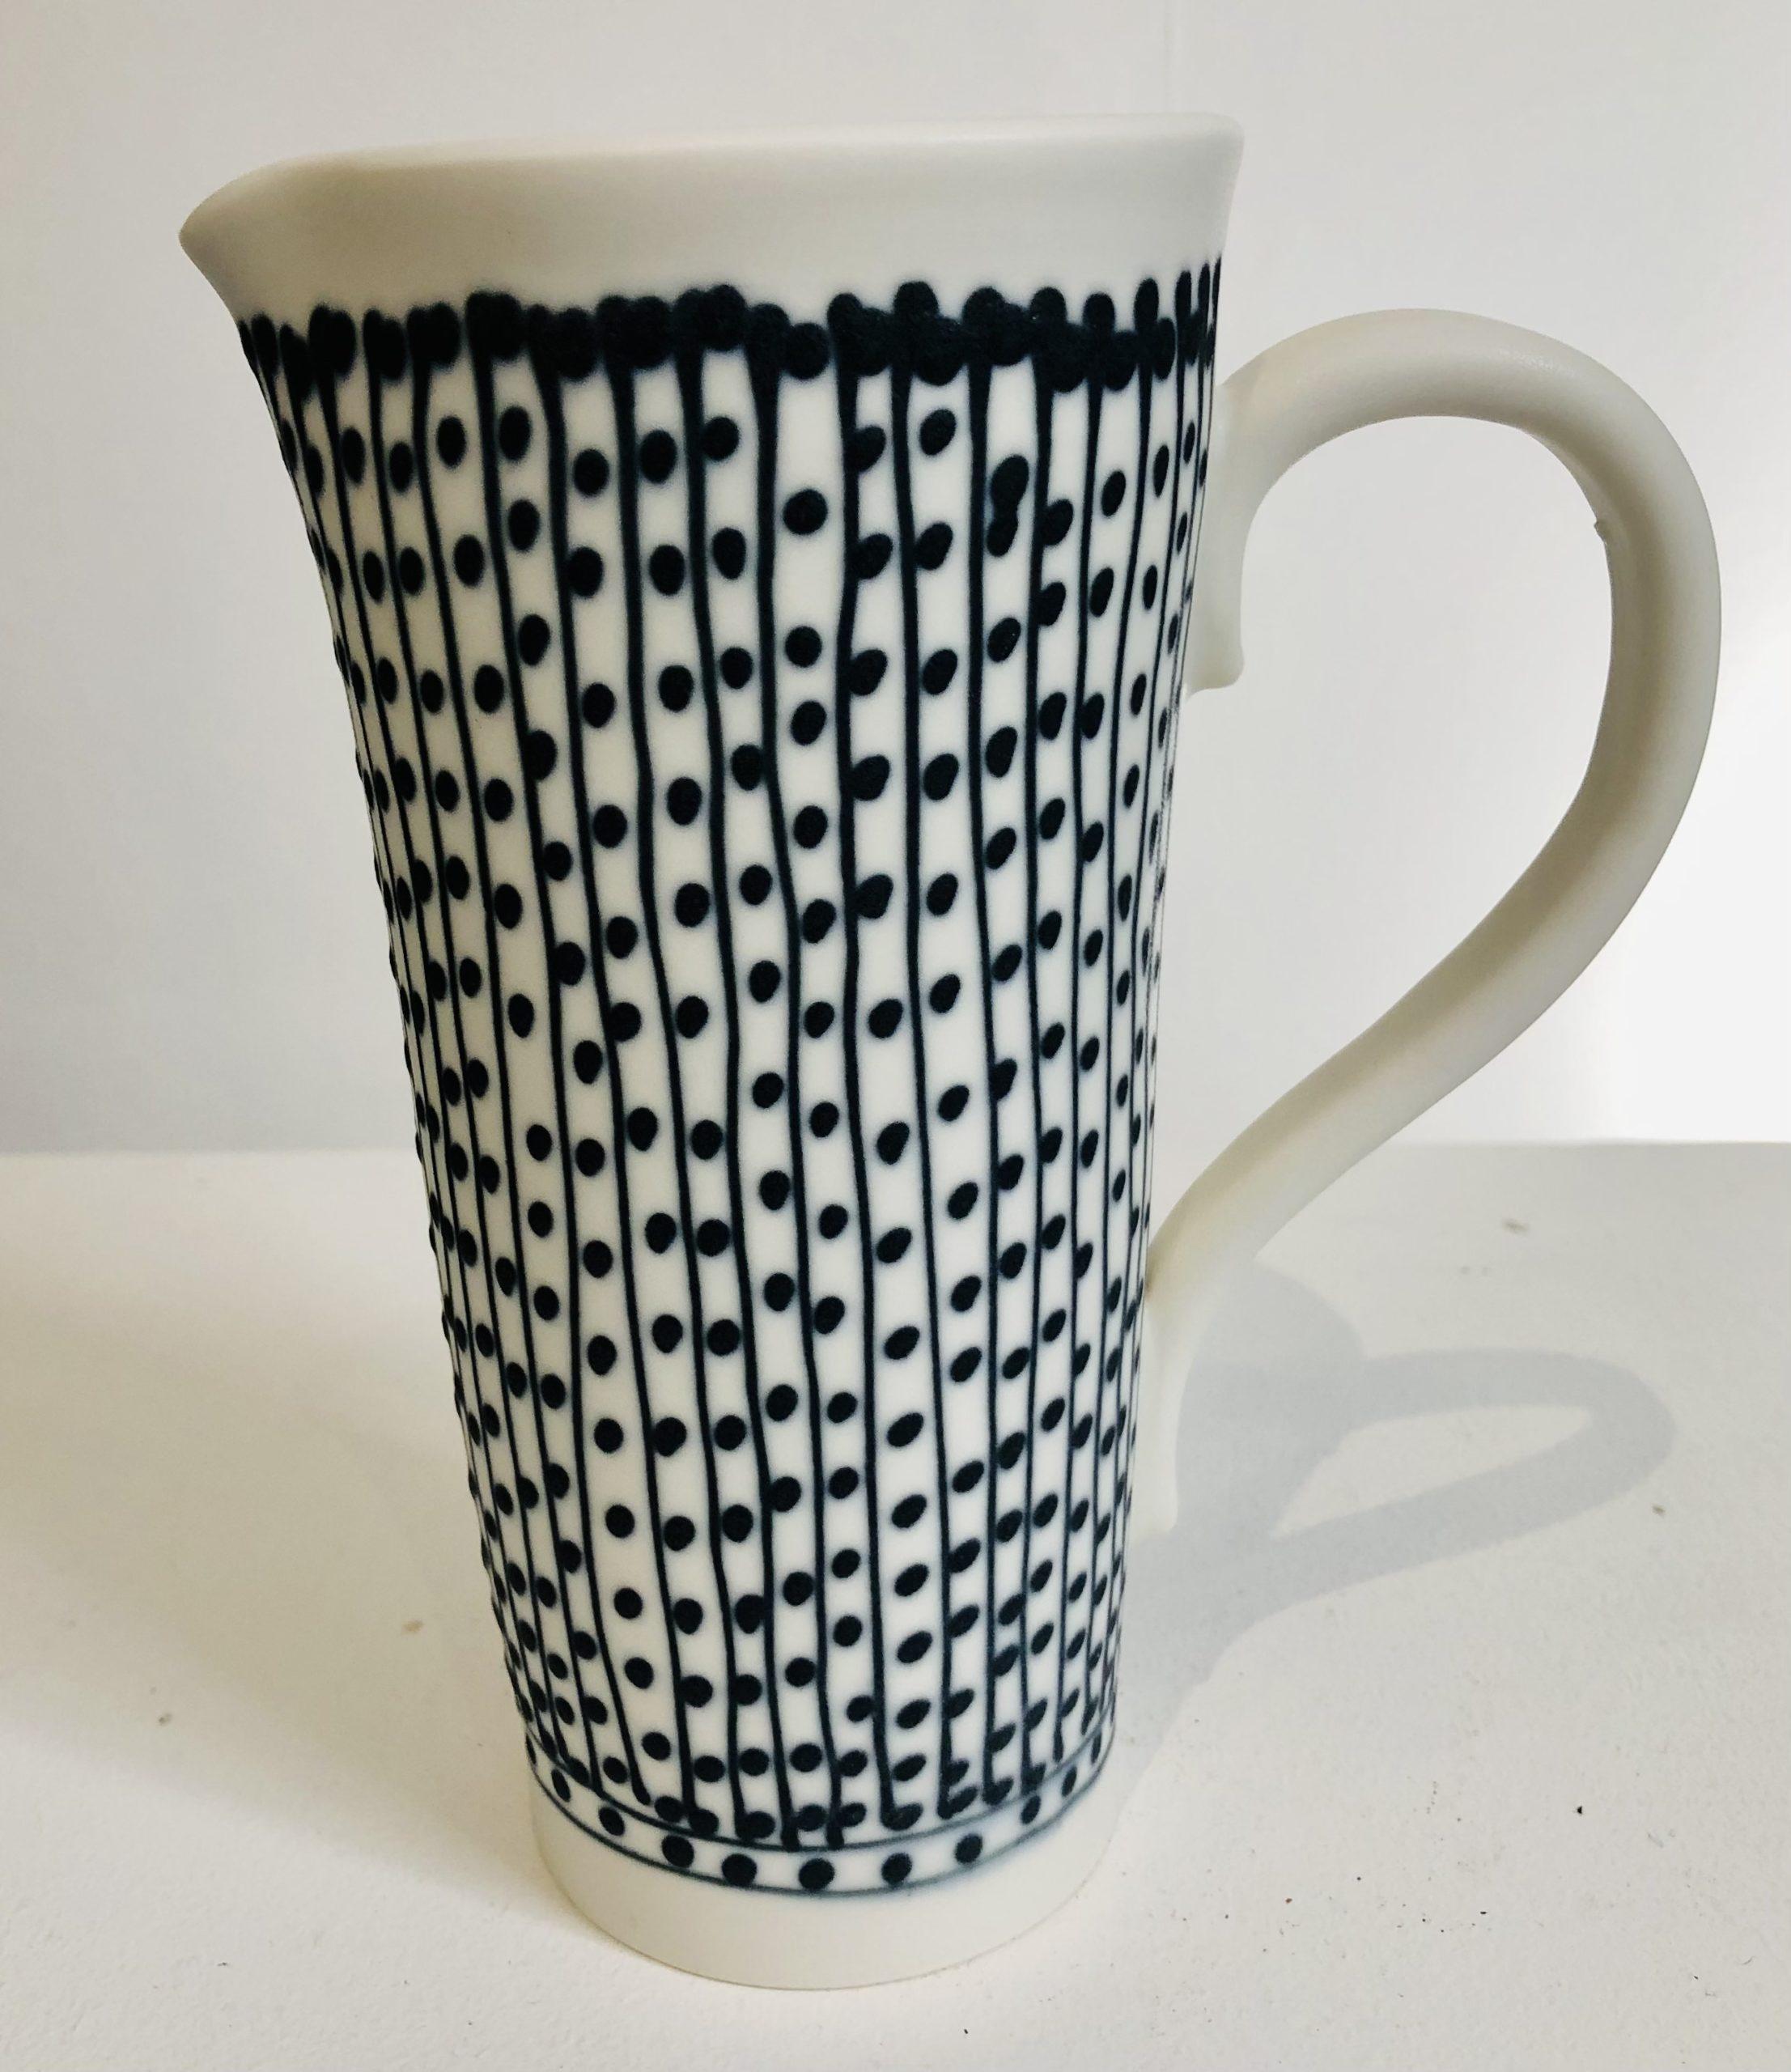 Jug handmade by ceramicist Philippa de Burlett